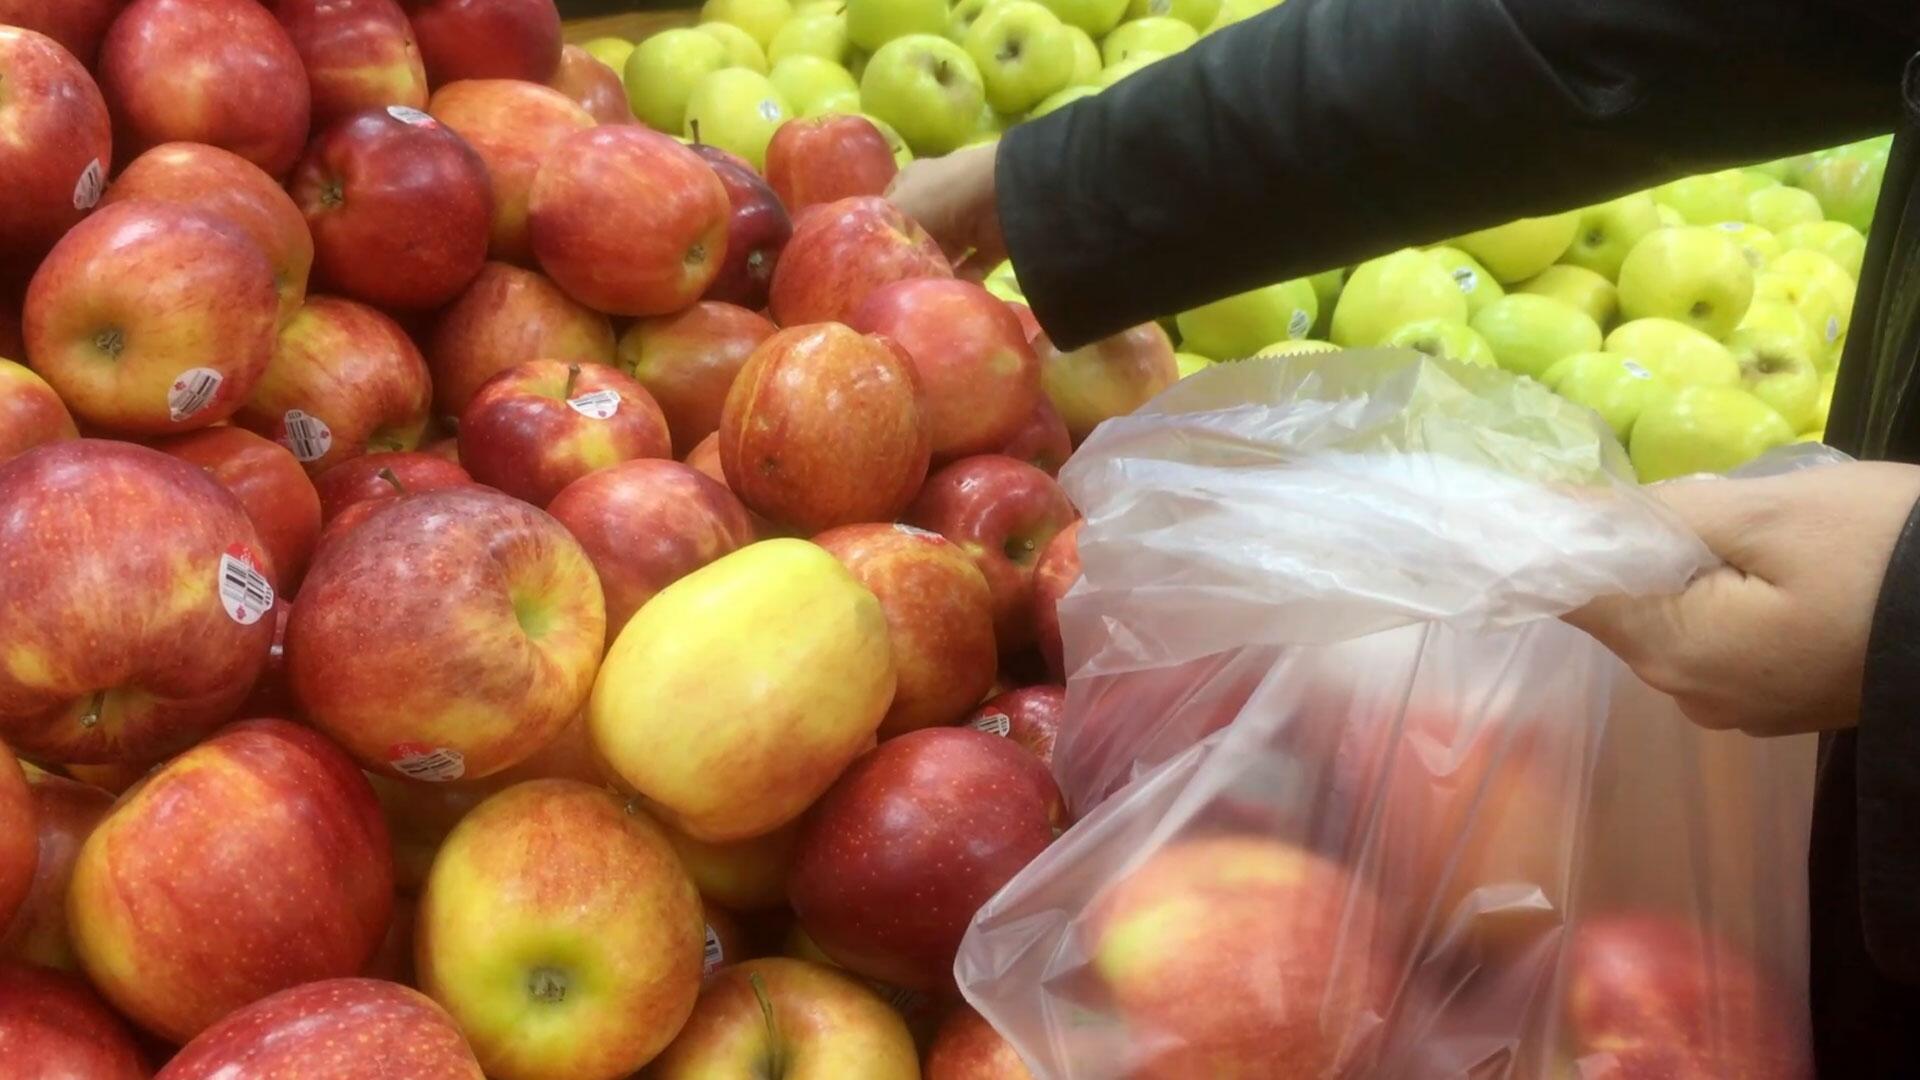 Bild zu Plastik, Einkauf, Plastiktüte, Tüte, Hemdchenbeutel, Obst, Gemüse, Supermarkt, Einzelhandel